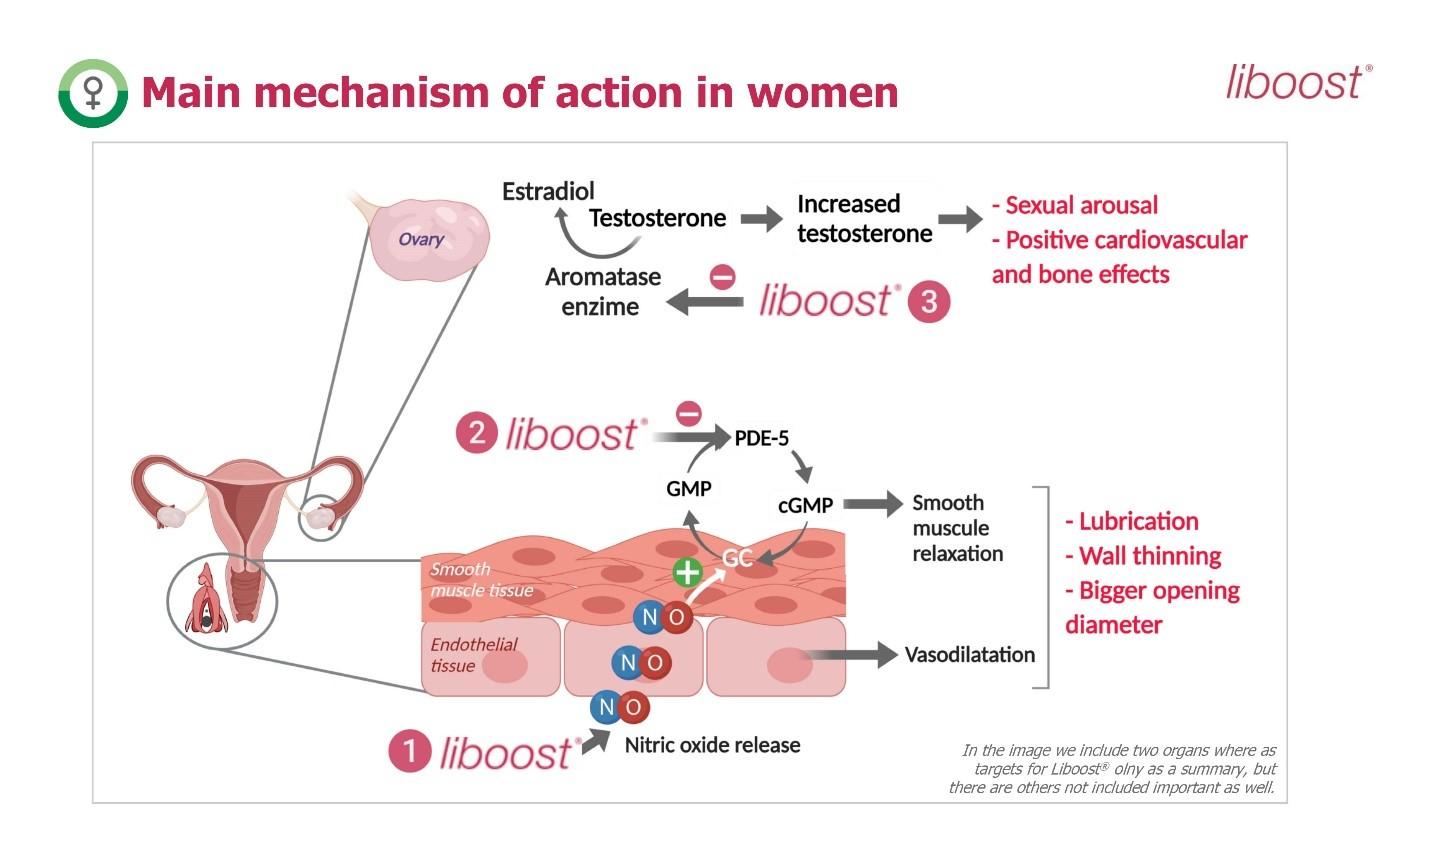 Liboost®- Nguyên liệu giúp cải thiện ham muốn tình dục ở phụ nữ